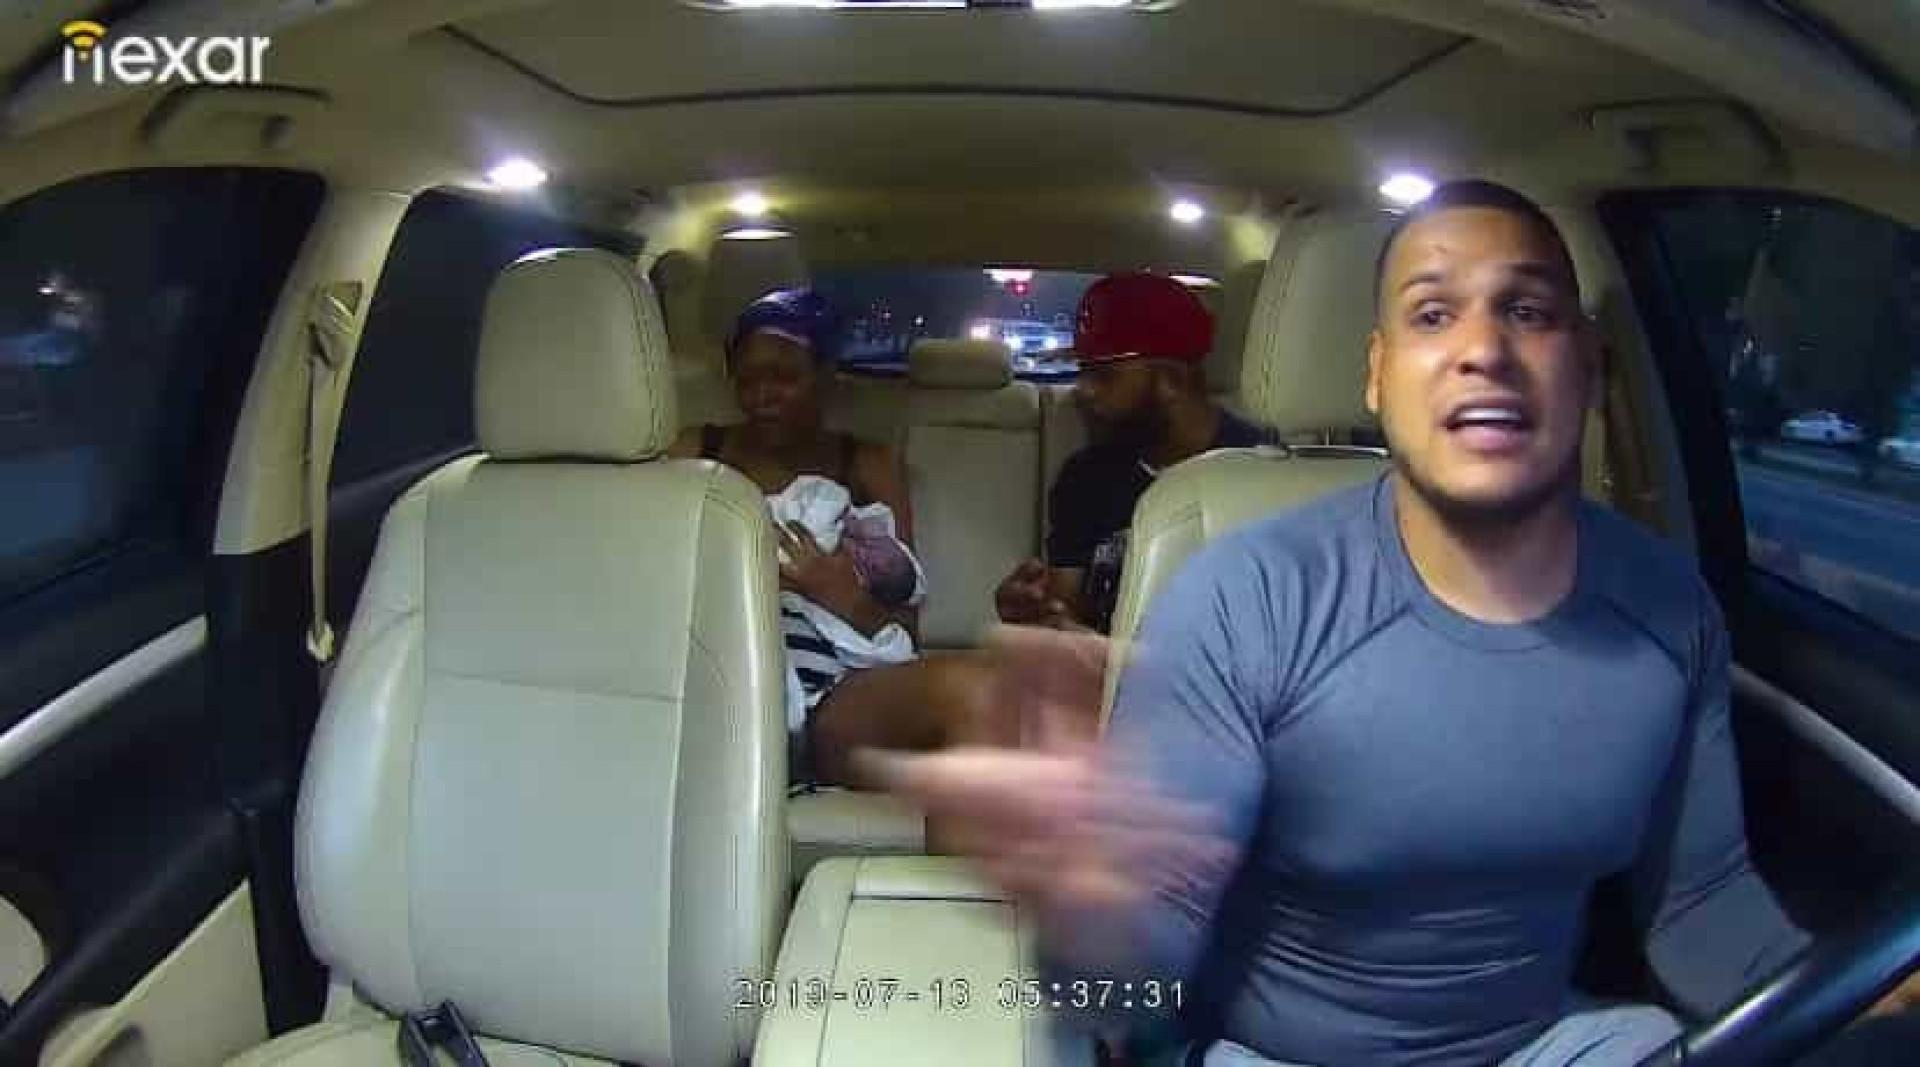 Bebé nasce durante viagem de Uber. Condutor é elogiado em vídeo viral